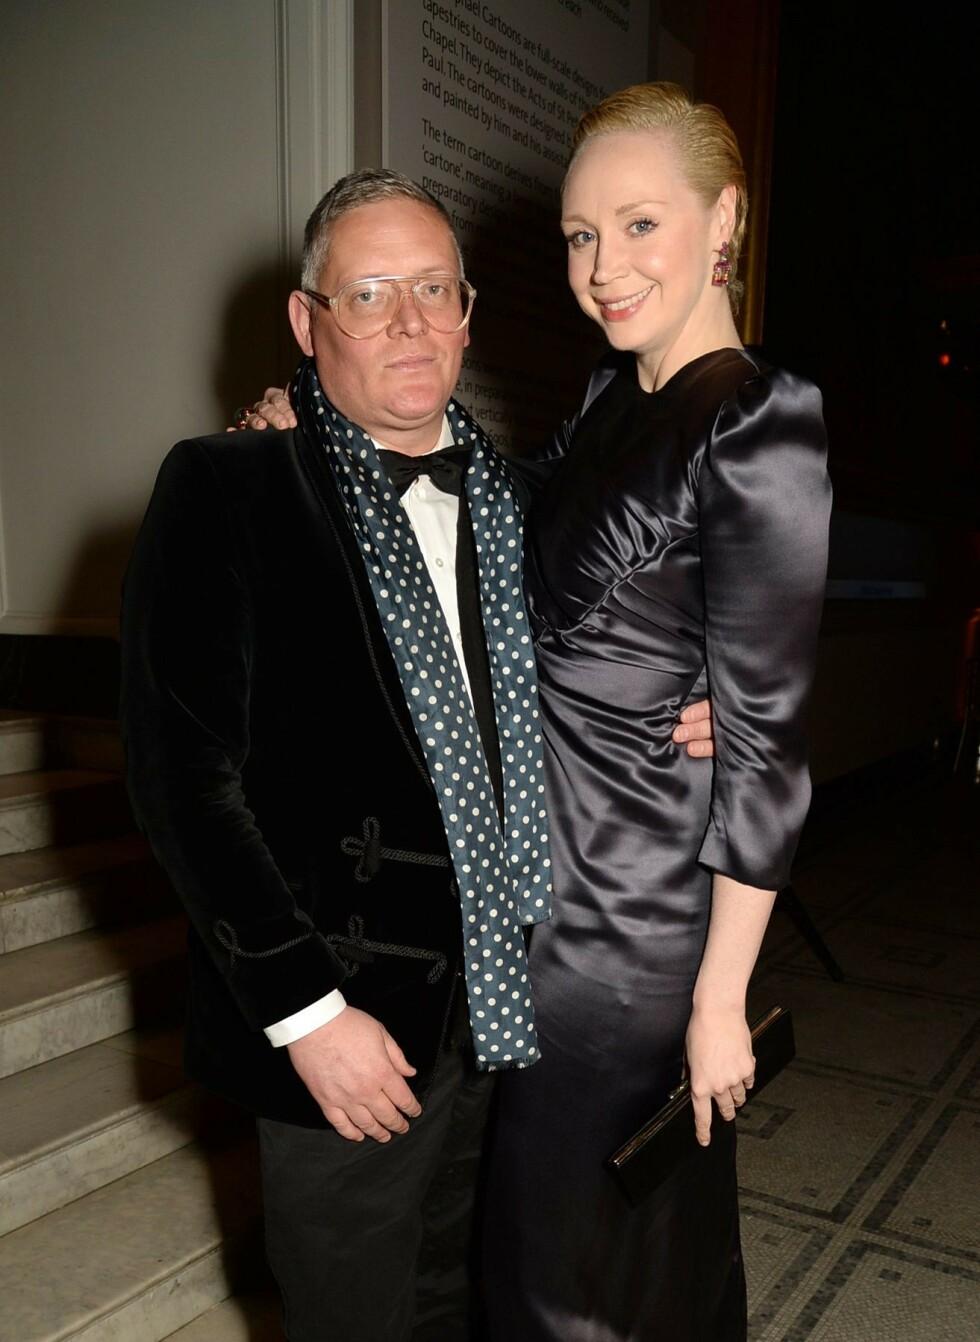 <strong>KJÆRESTER:</strong> Gwendoline Christie har vært sammen med den britiske designeren Giles Deacon siden 2013. Dette bildet er fra 2016. FOTO: NTB Scanpix